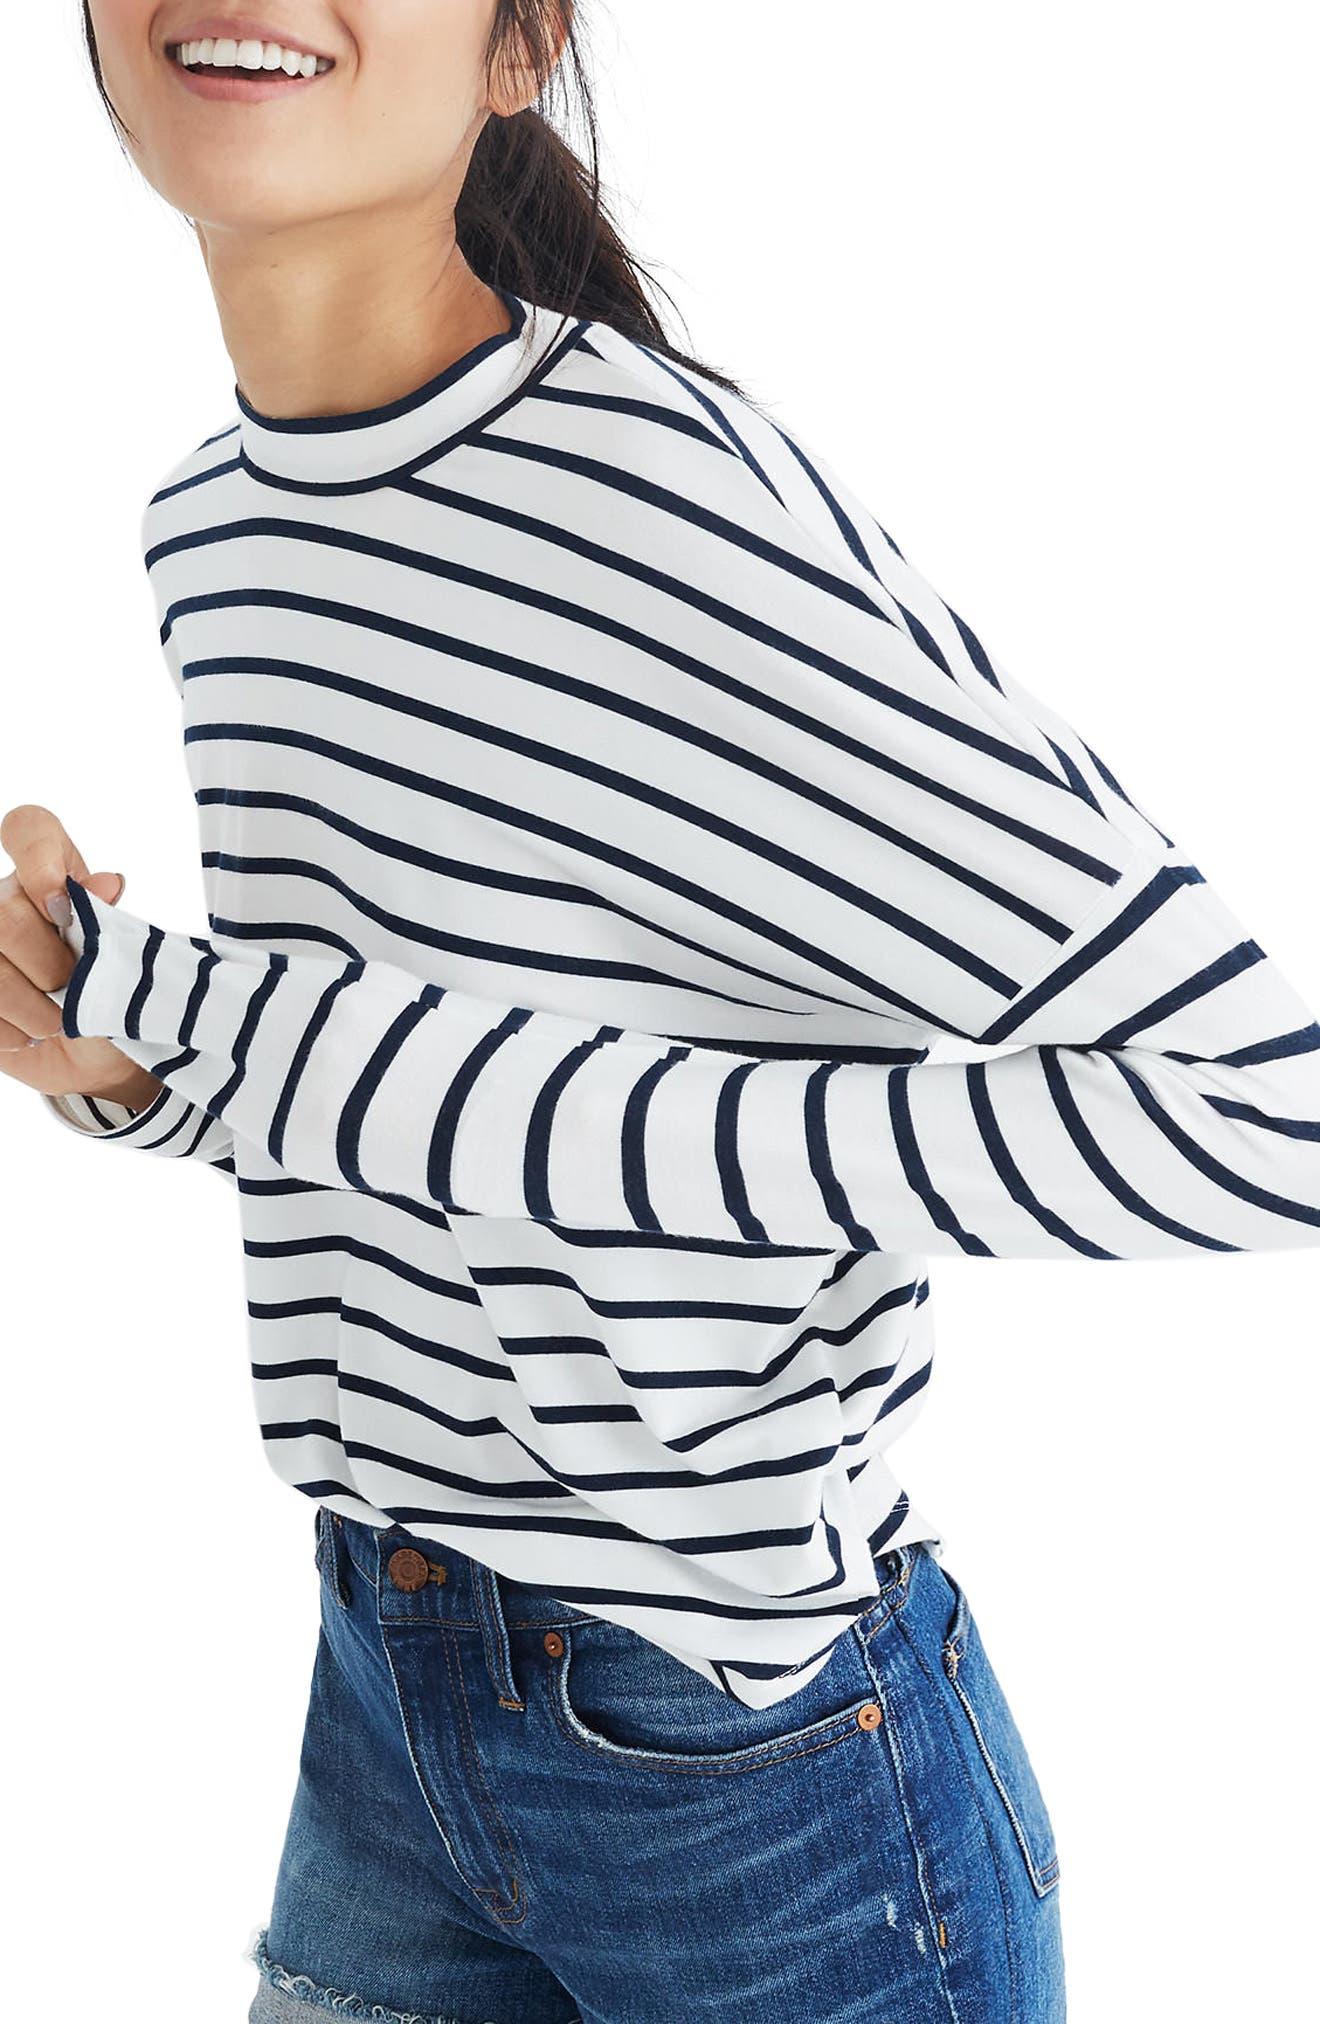 Stripe Long Sleeve Mock Neck Top,                             Main thumbnail 1, color,                             100